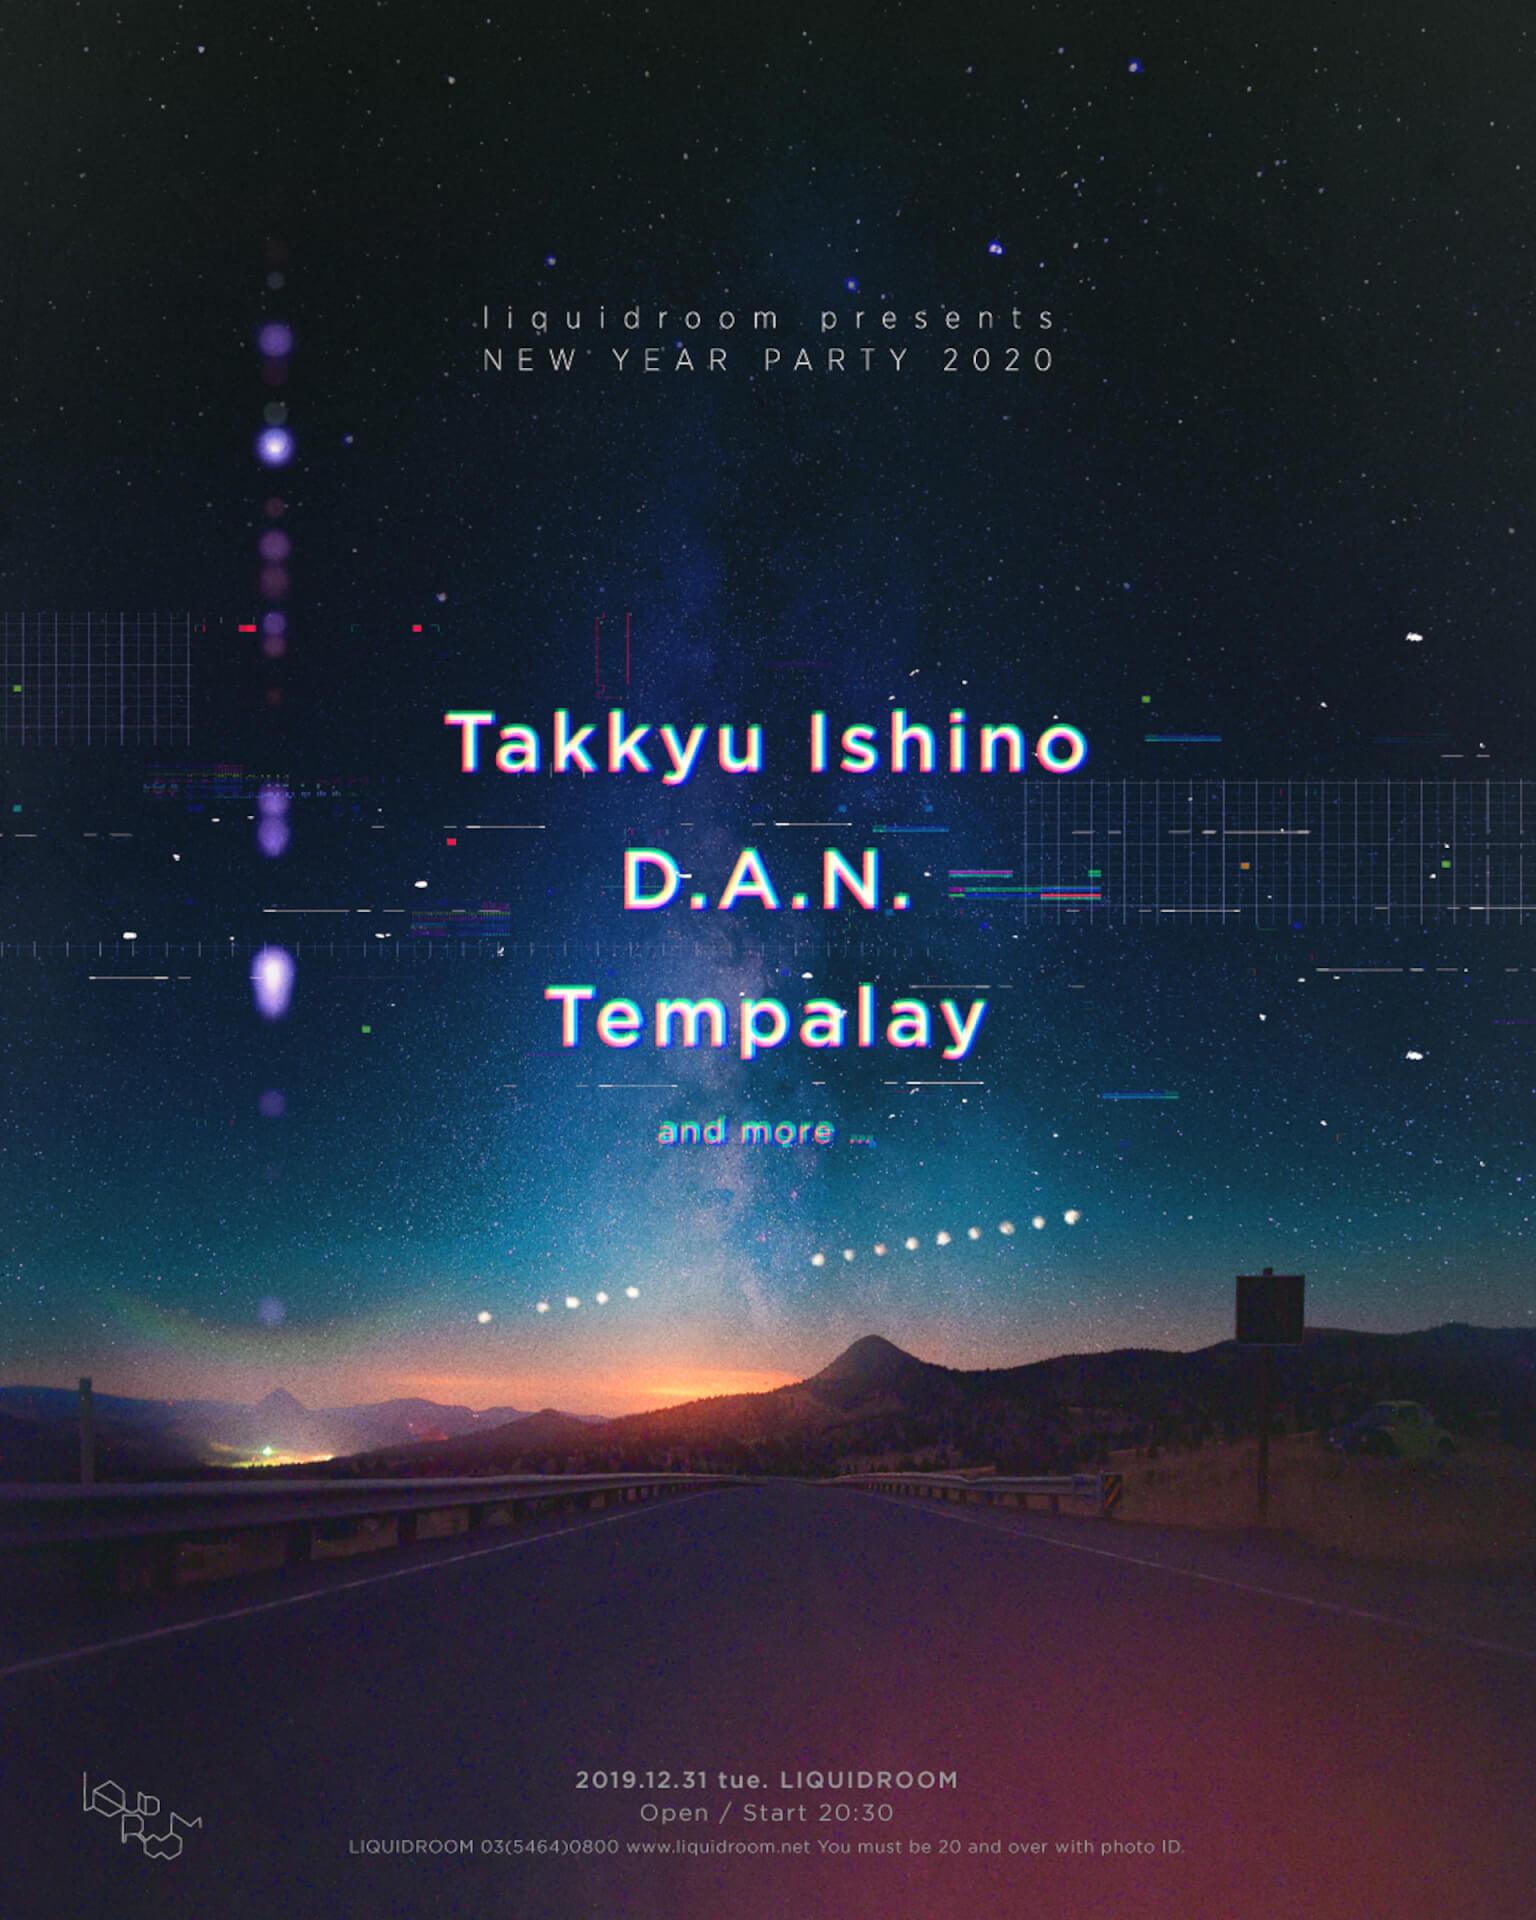 2020年へと飛躍するLIQUIDROOMのカウントダウンイベント出演者第一弾でTakkyu Ishino、D.A.N.、Tempalayが発表に music191129-liquidroom2020-countdown-1